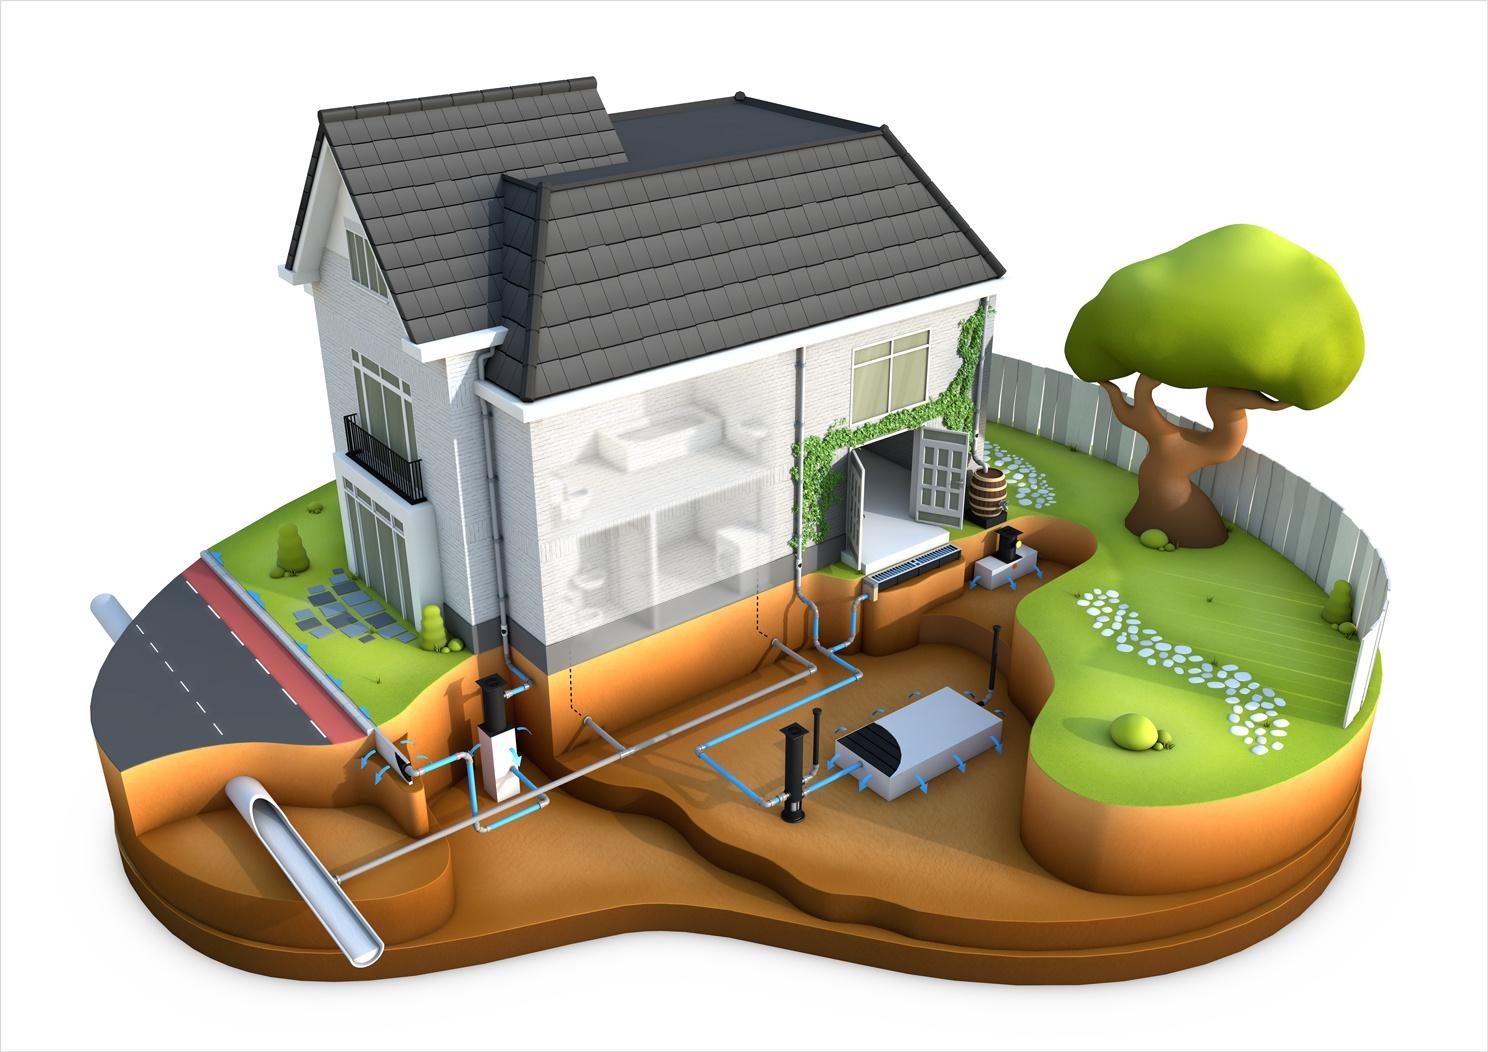 3D huis infographic over regen opvang.